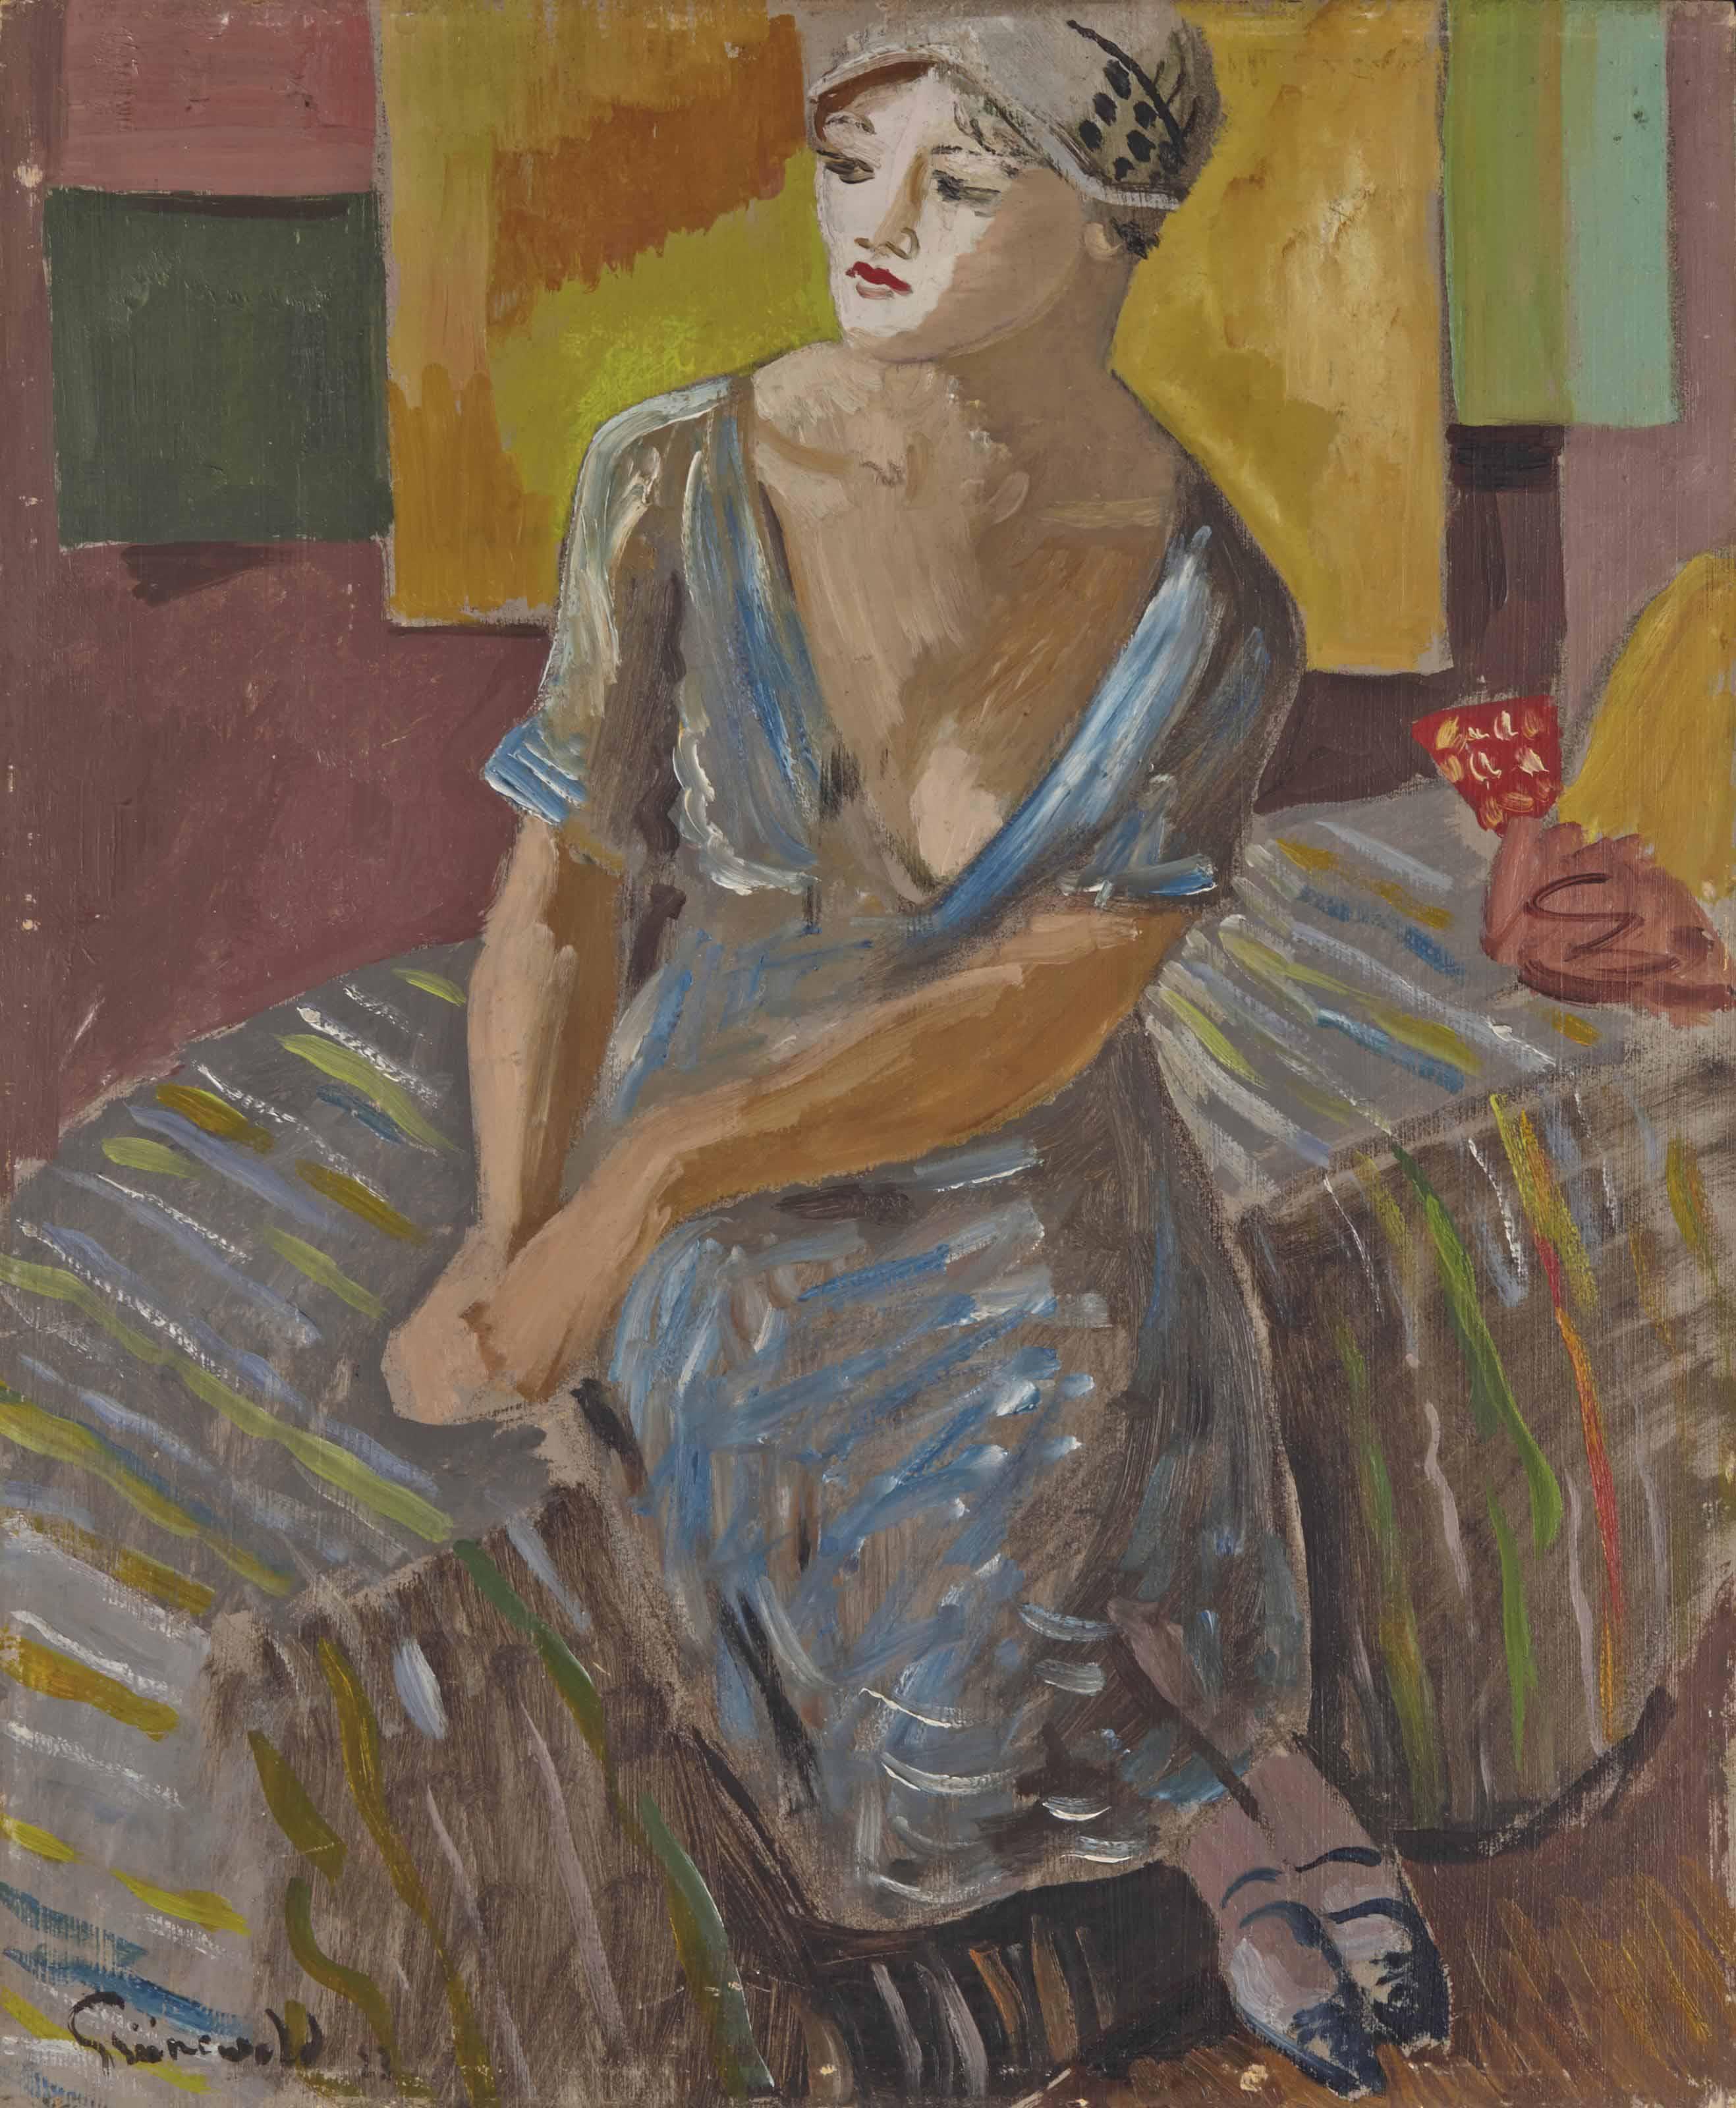 Femme à la robe bleue